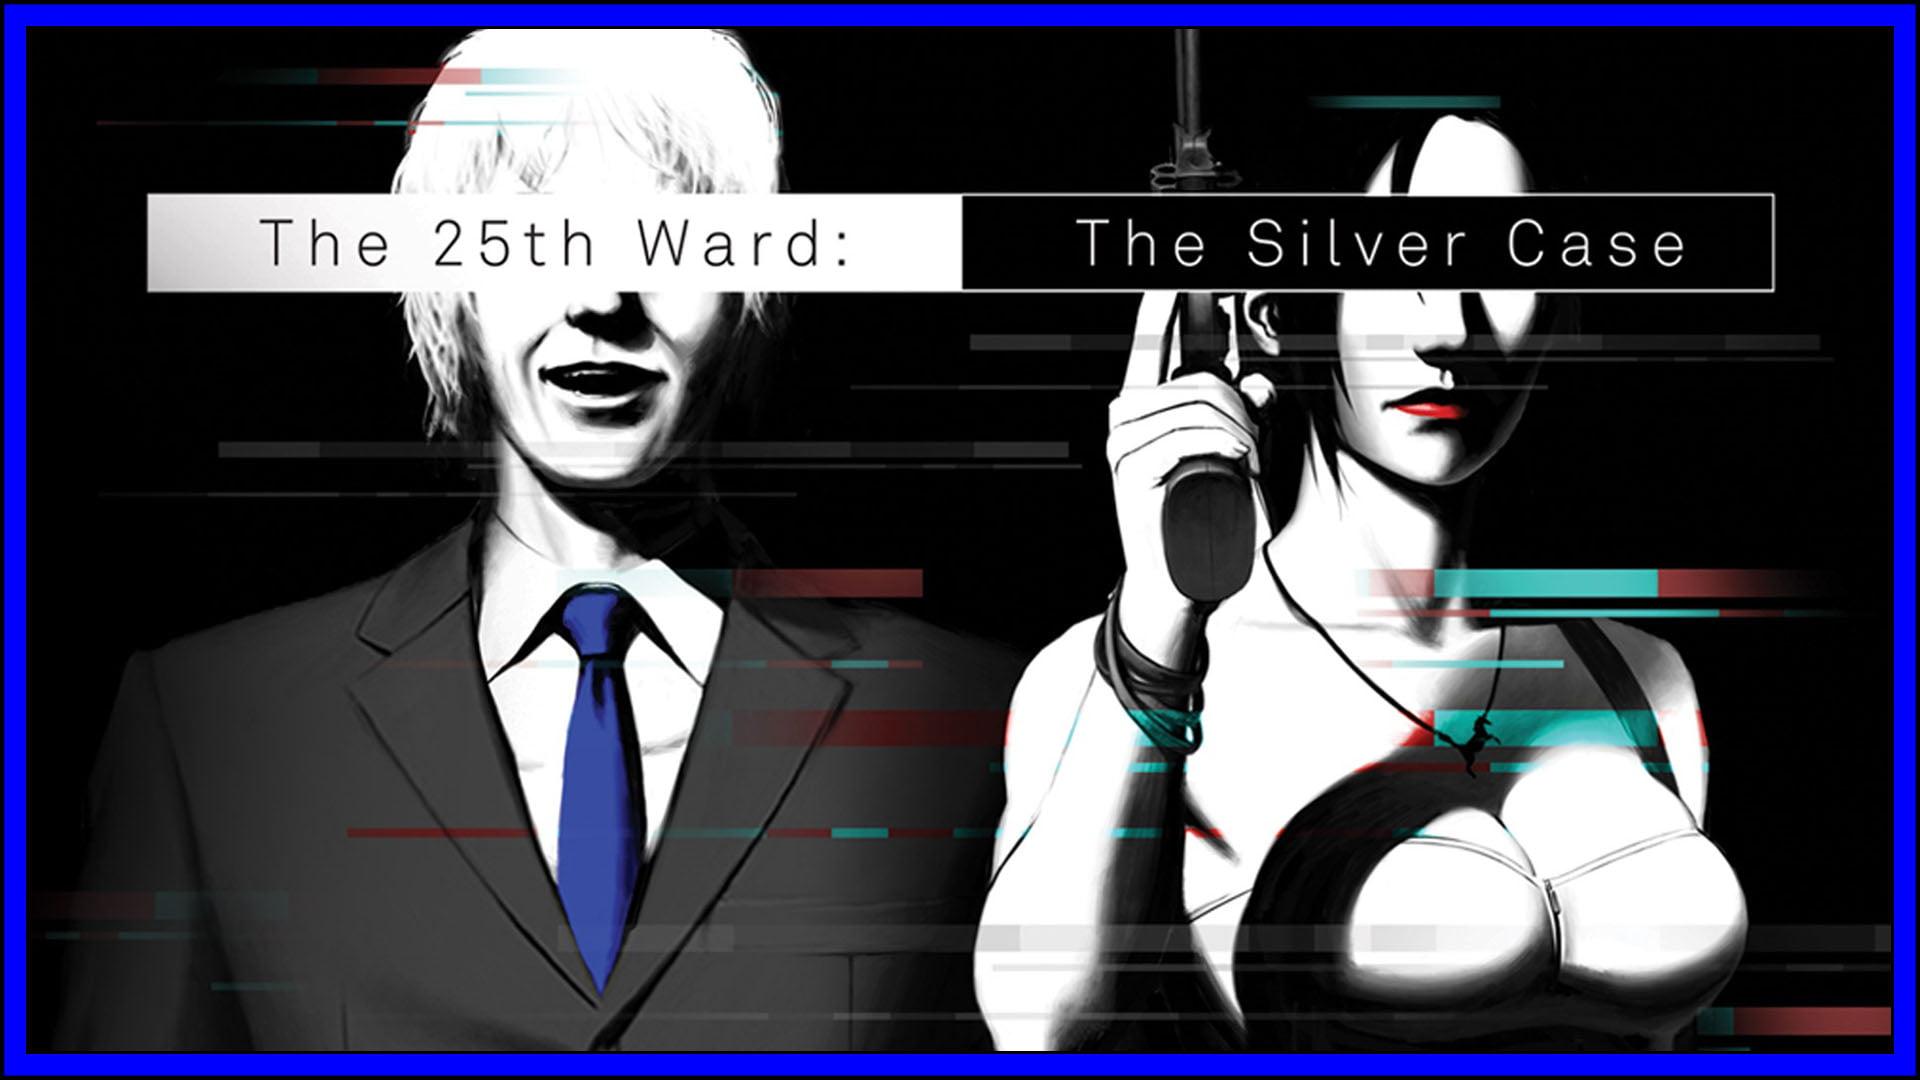 The 25th Ward Fi3